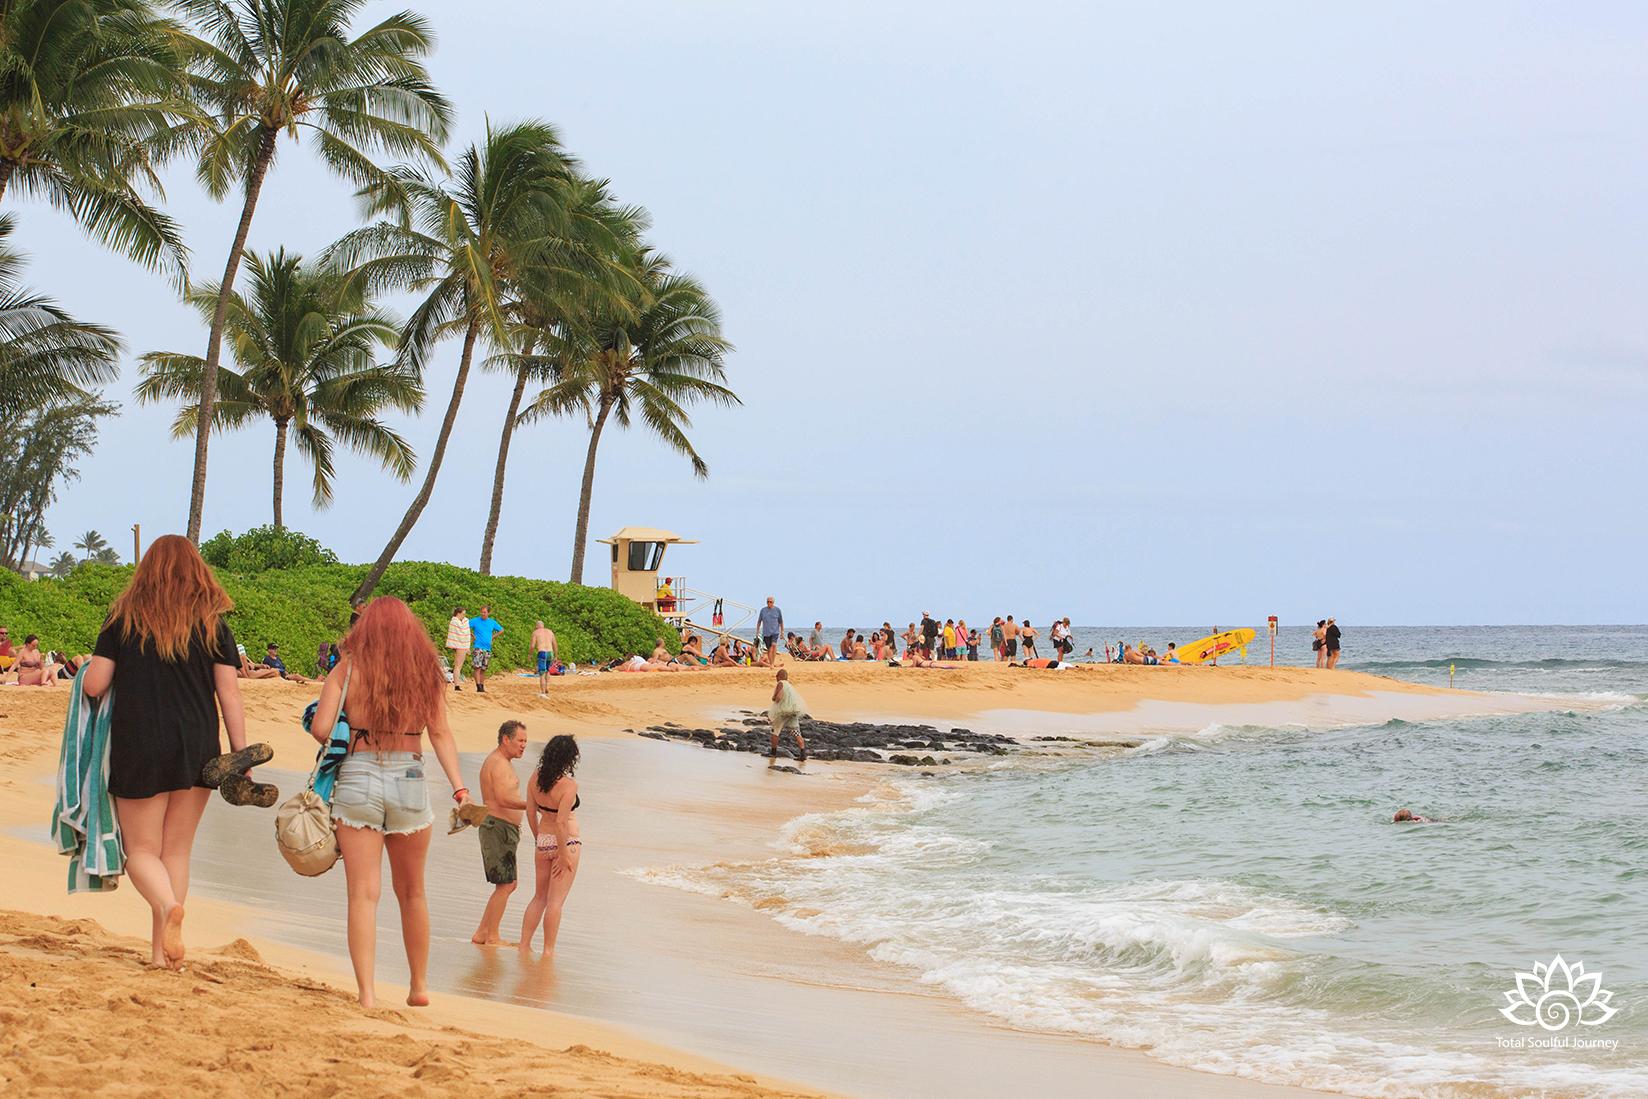 PoiPu Beach photographed by Paul Garrett